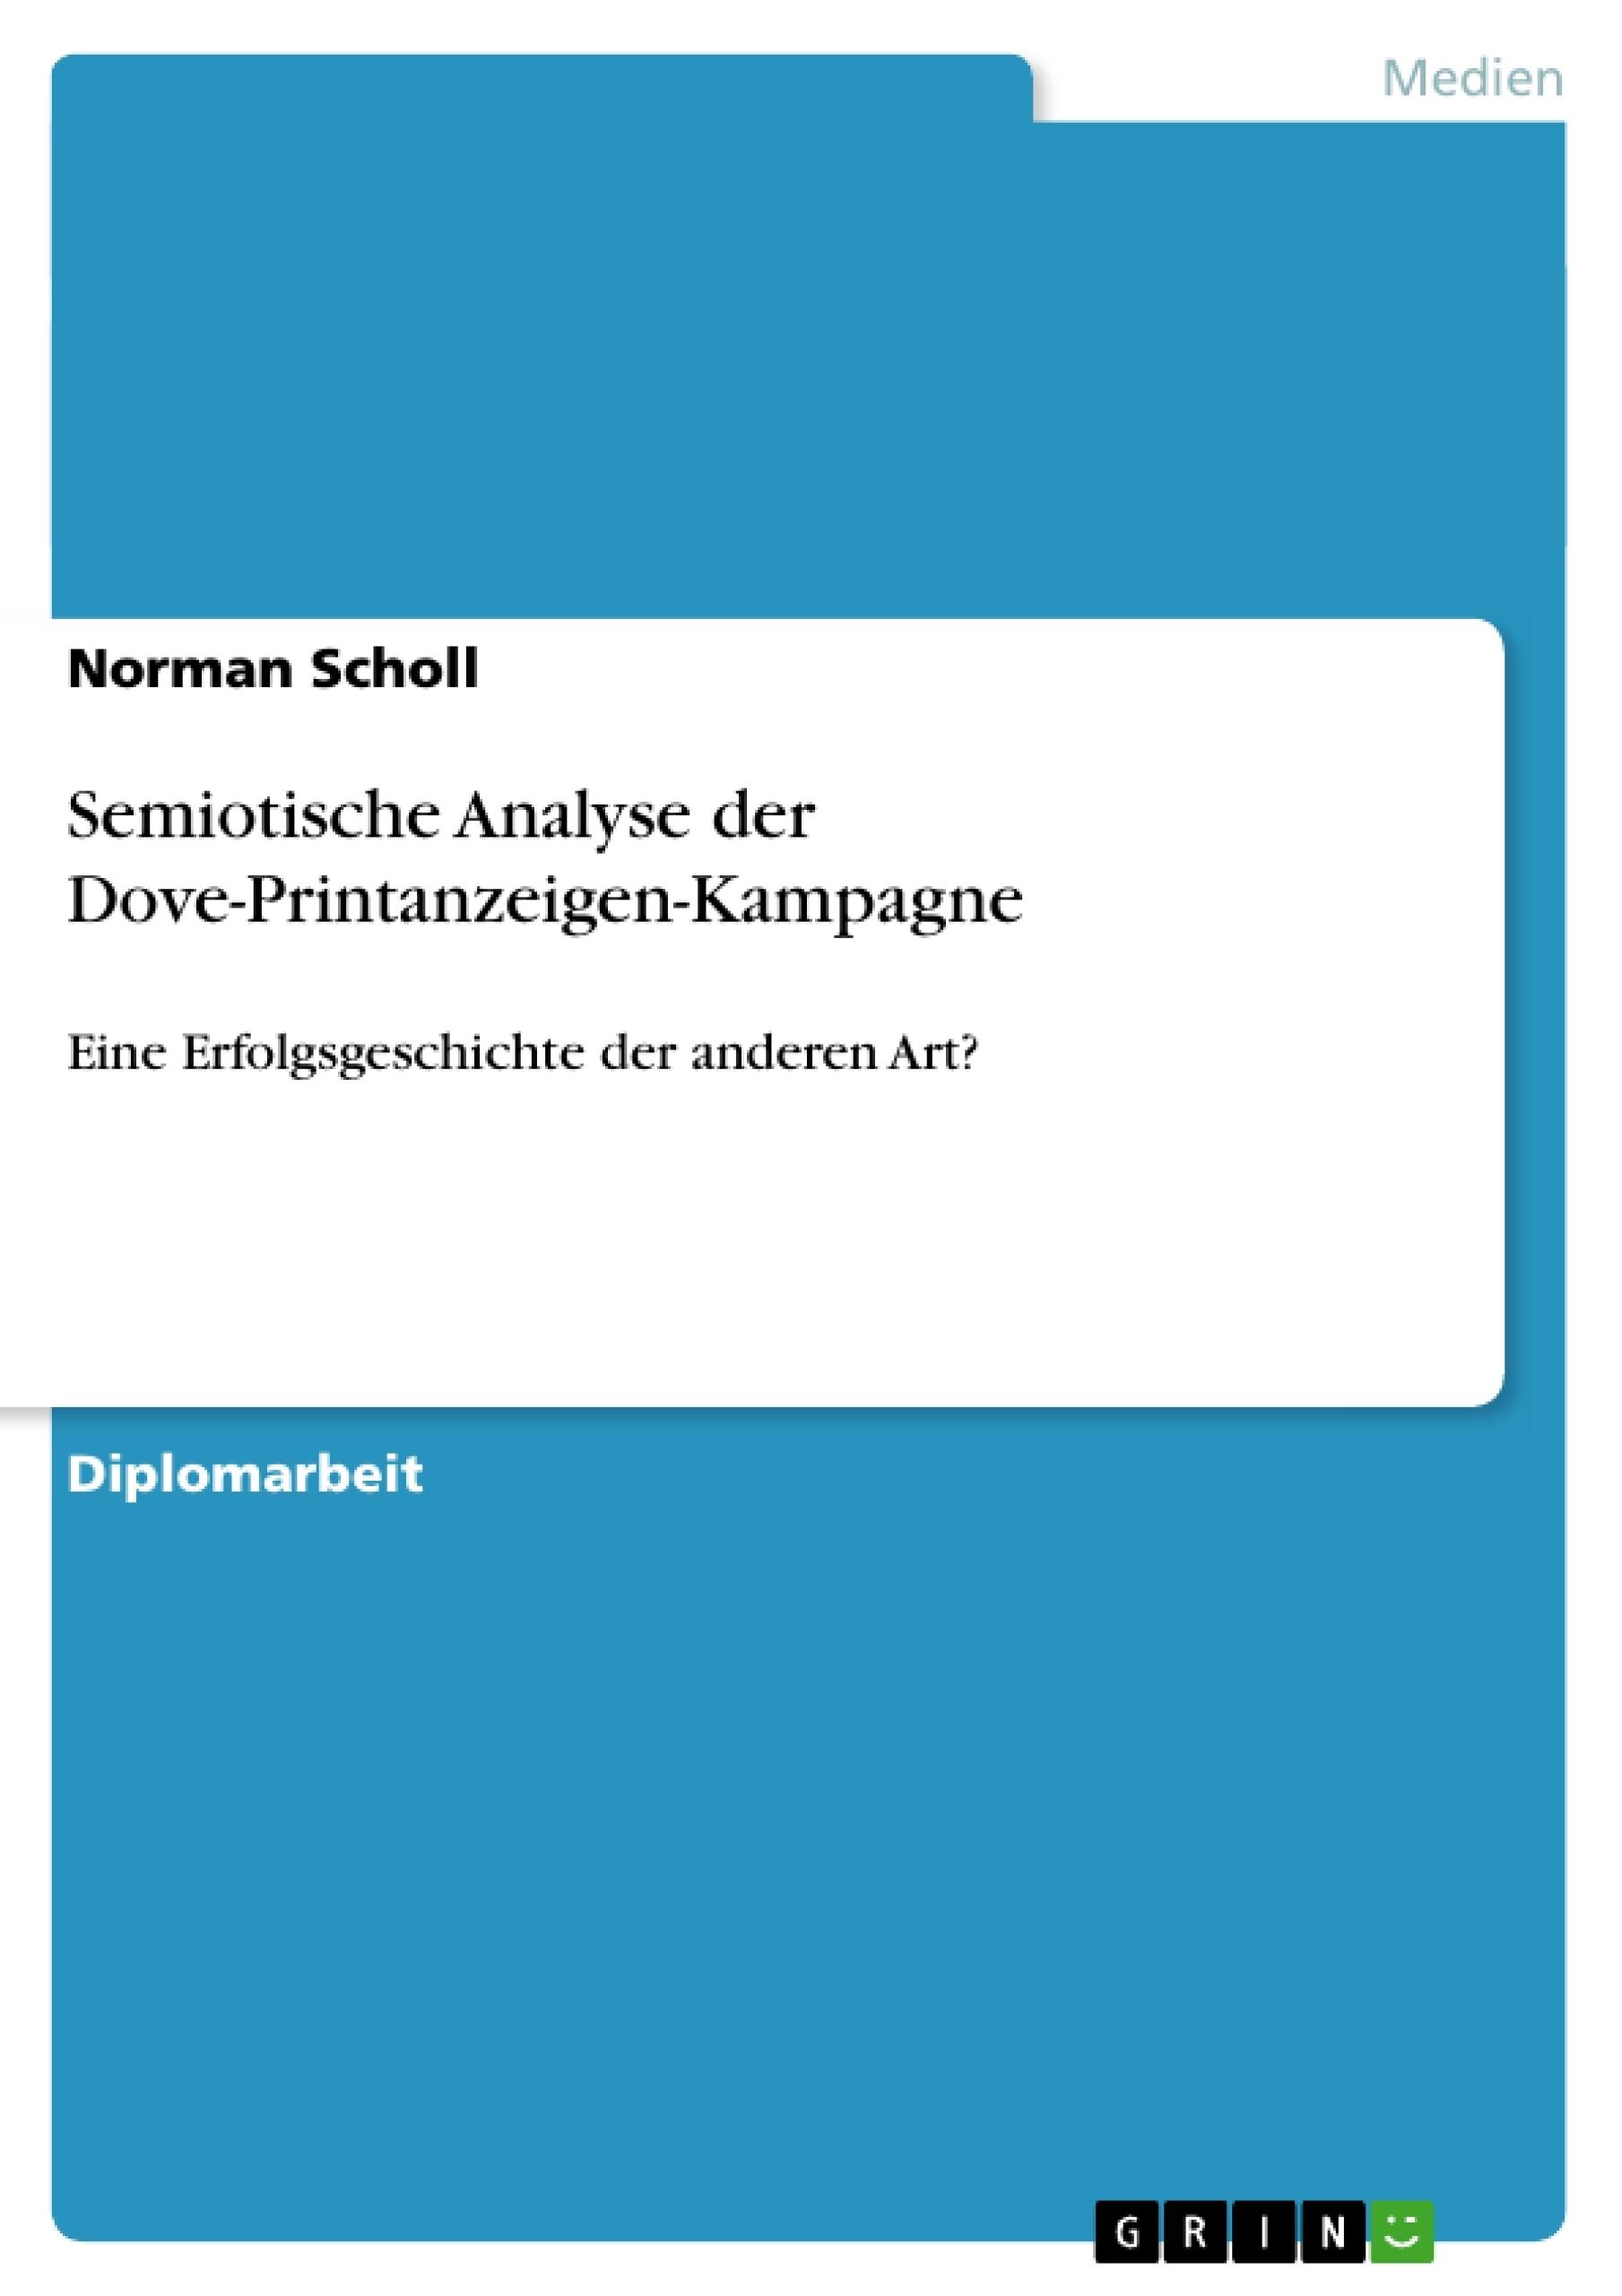 Titel: Semiotische Analyse der Dove-Printanzeigen-Kampagne